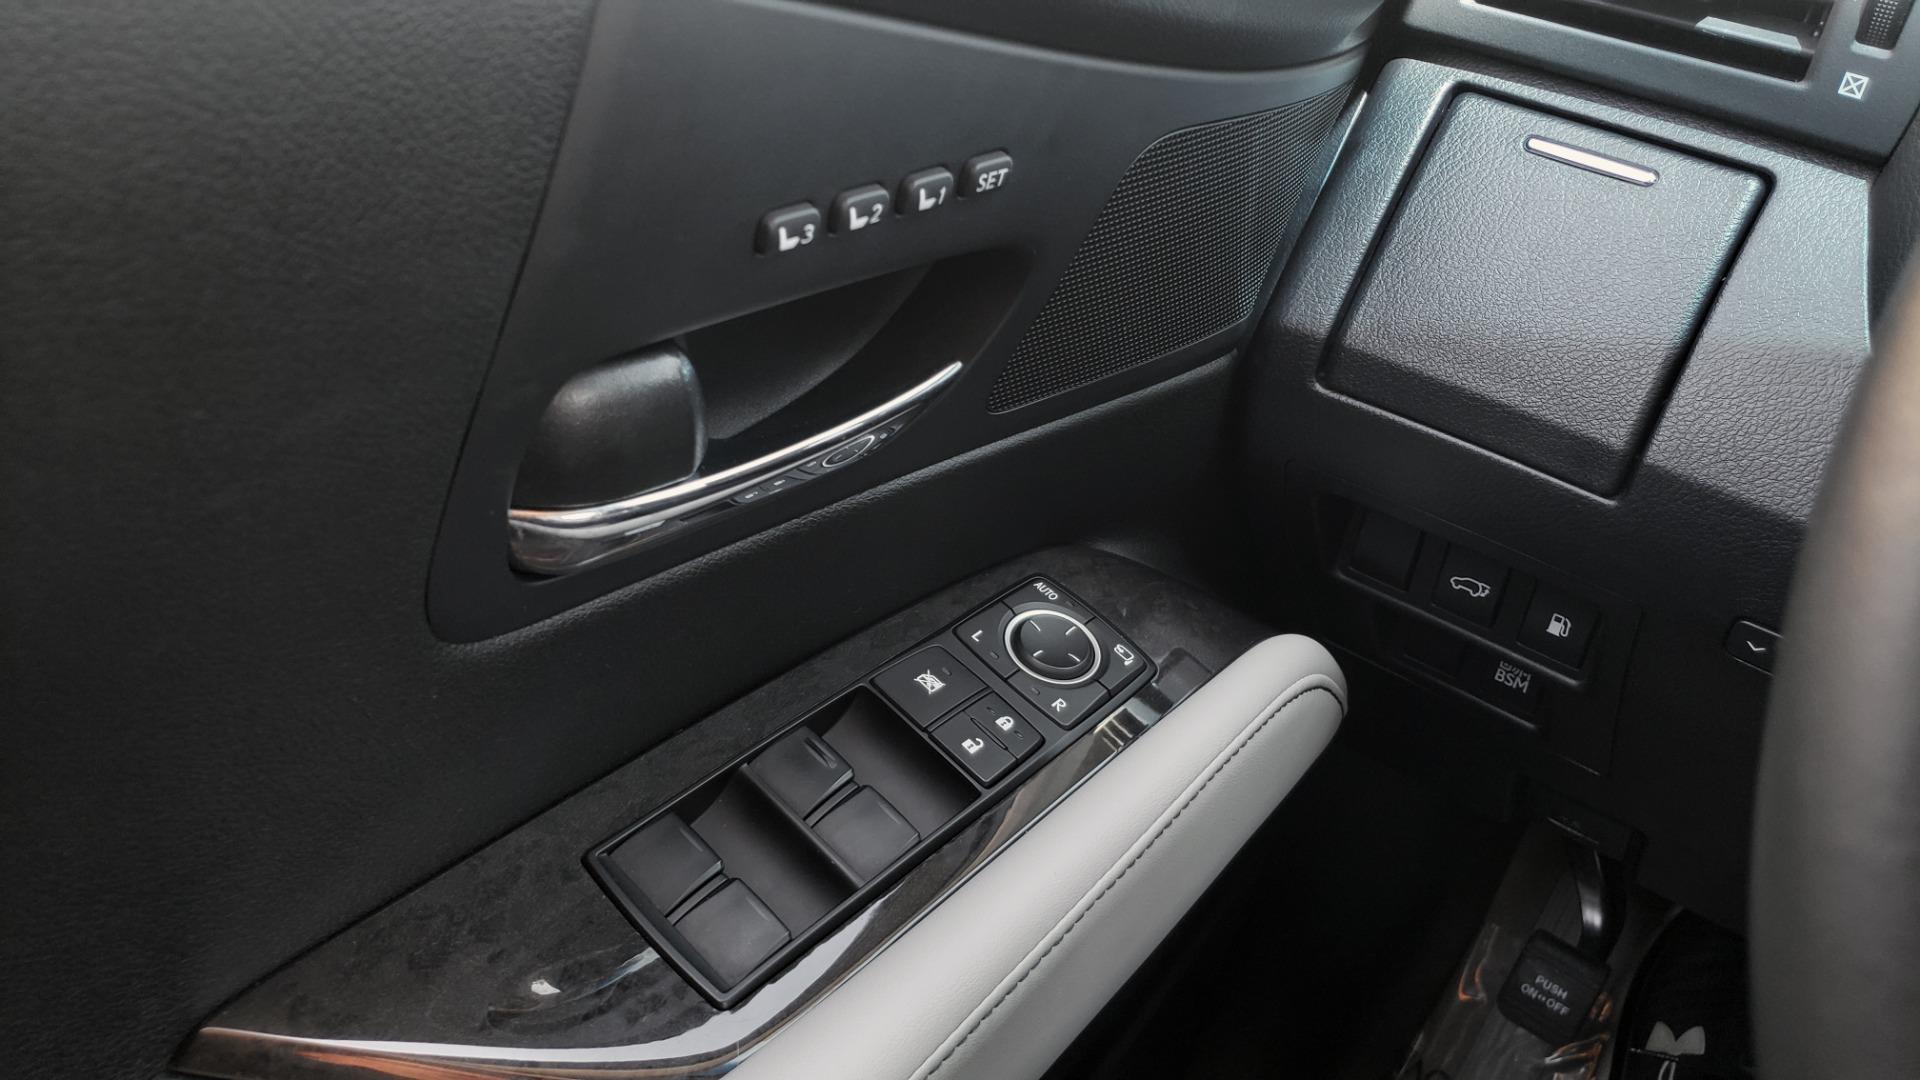 Used 2015 Lexus RX 450H AWD / PREM PKG / NAV / PARK ASST / HUD / BLIND SPOT MONITOR for sale Sold at Formula Imports in Charlotte NC 28227 39